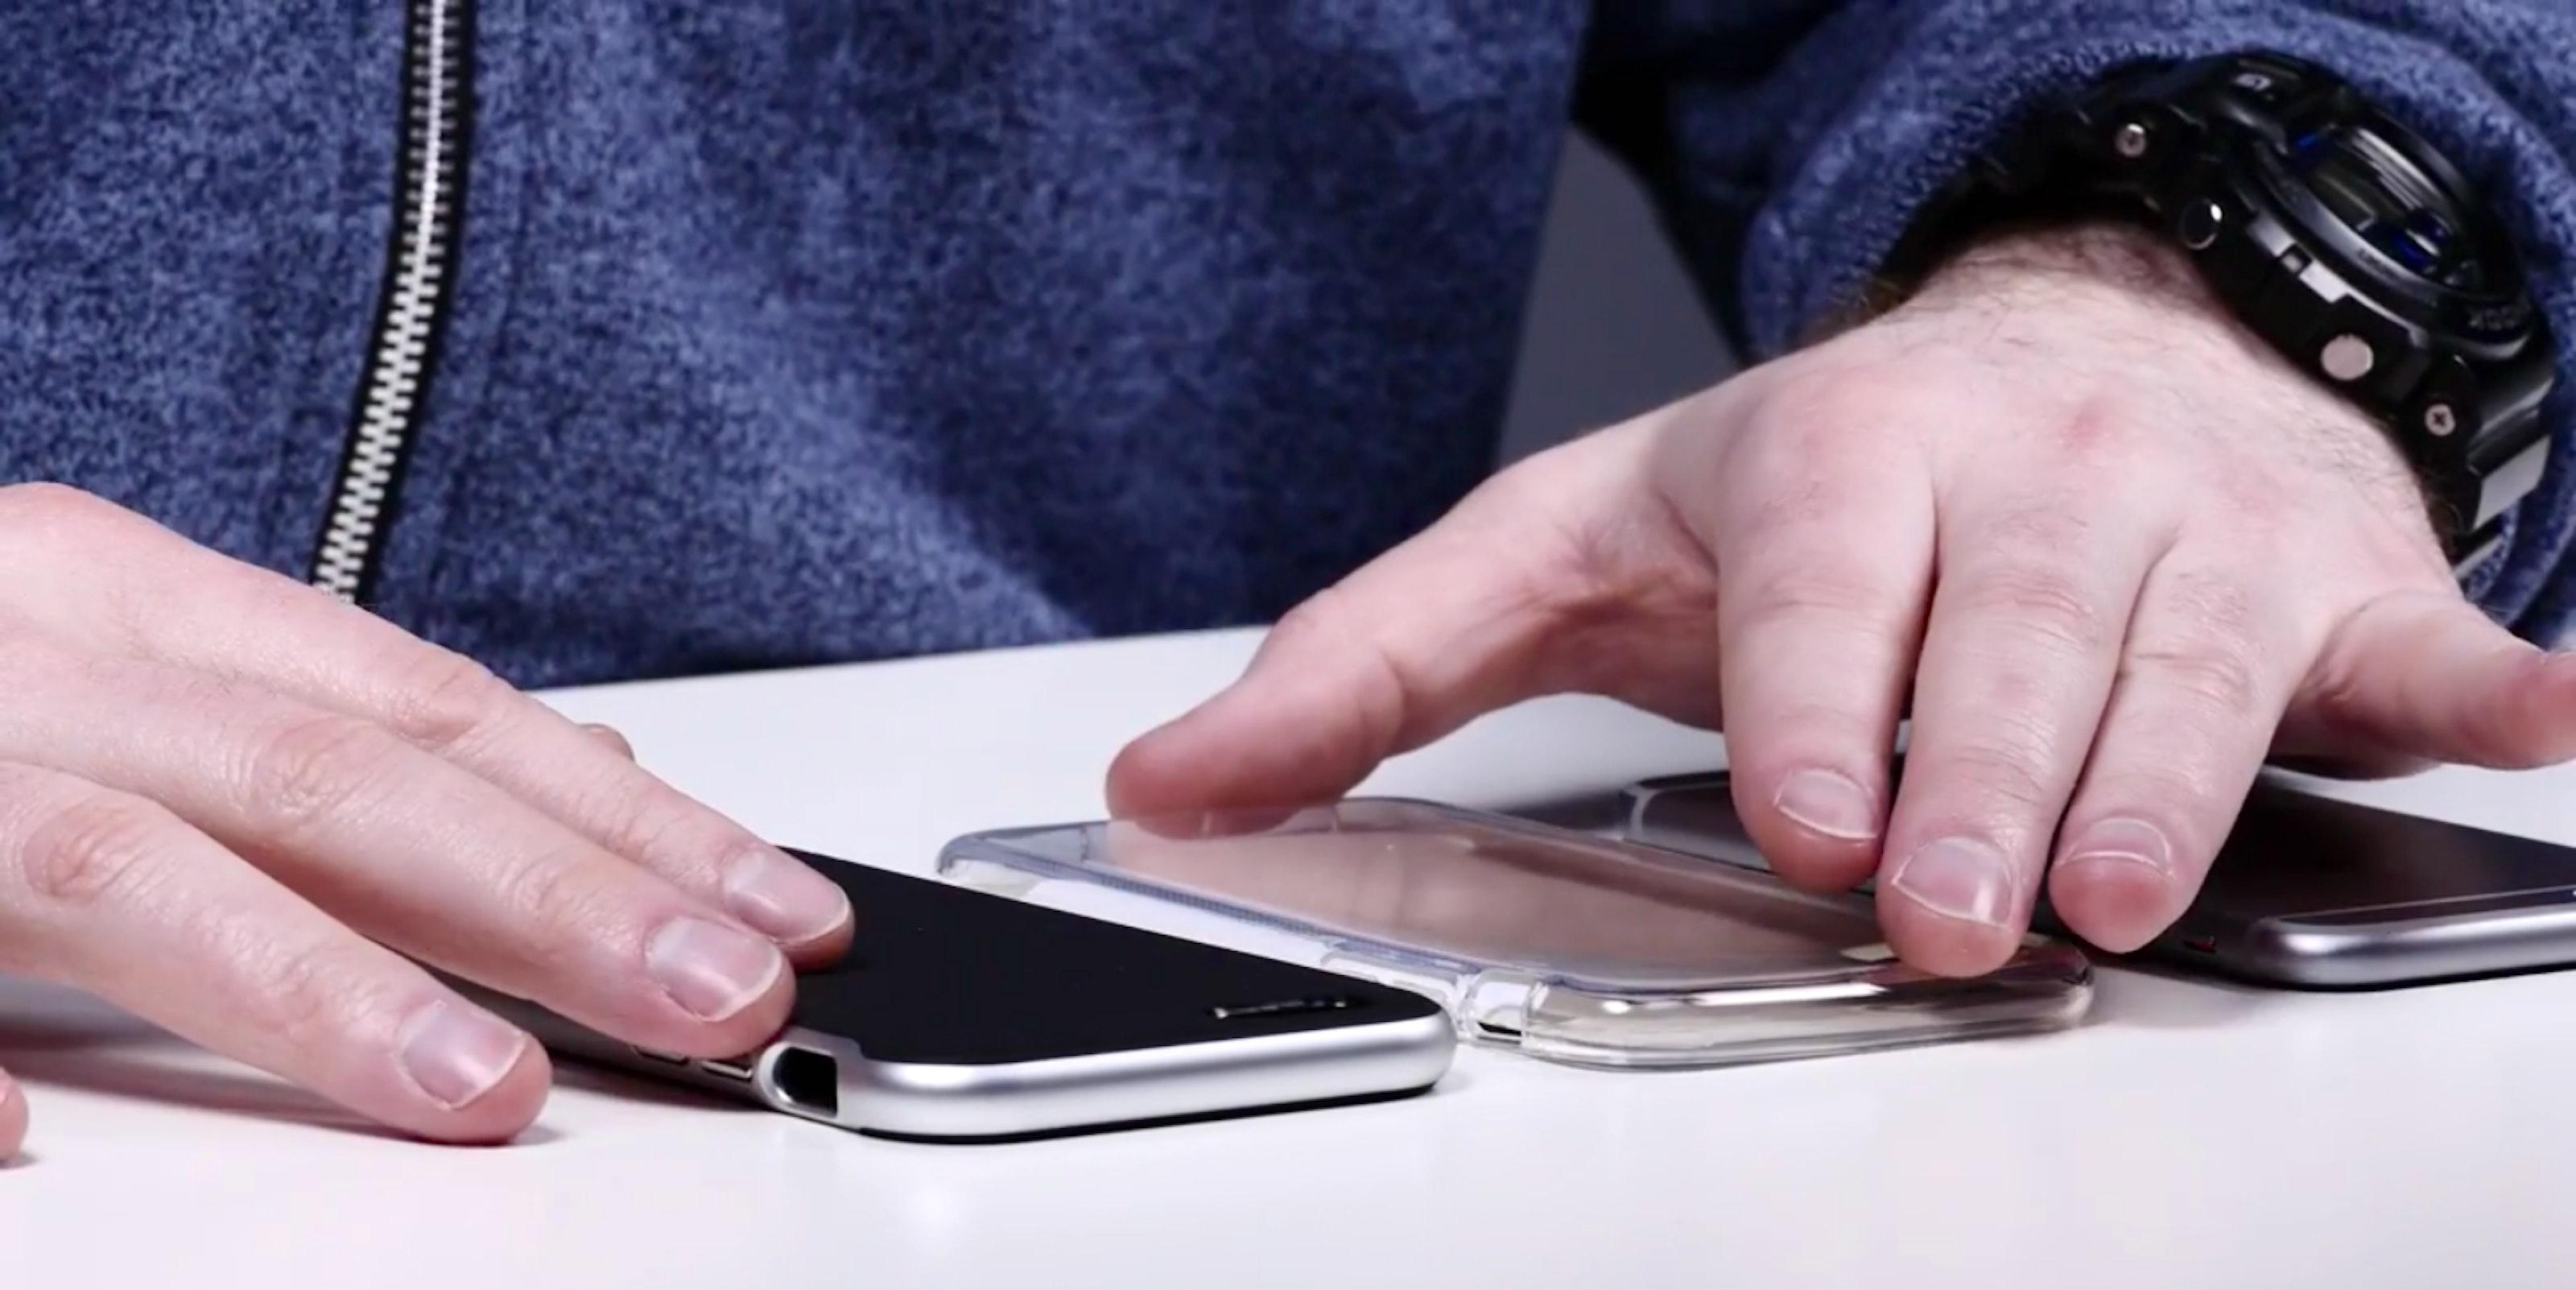 отличие чехлов iphone 7 от iphone 6